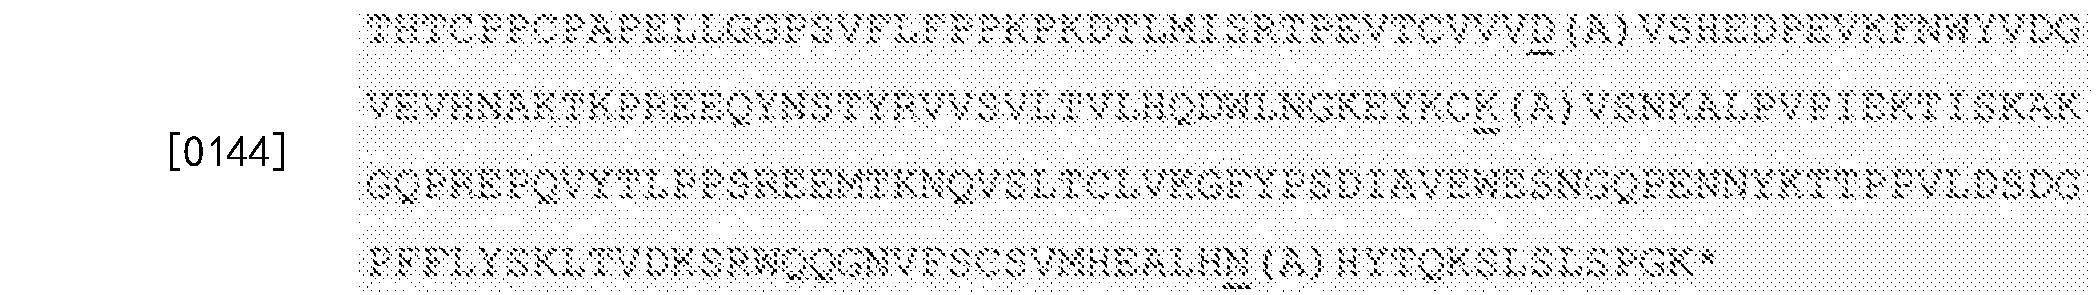 Figure CN103987403BD00281